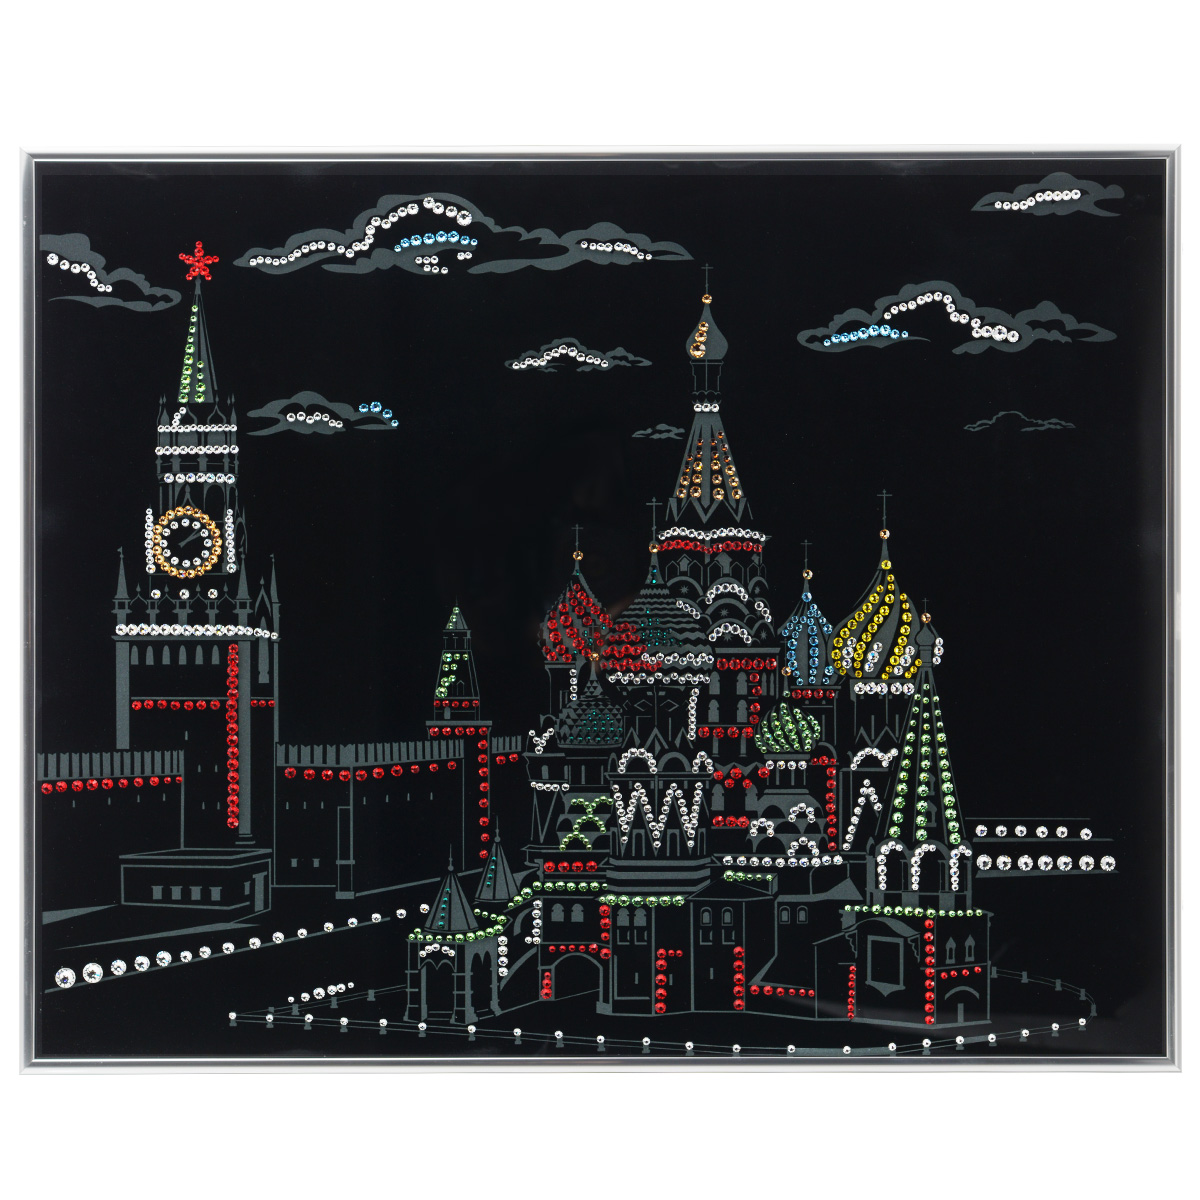 Картина с кристаллами Swarovski Кремль, 50 см х 40 смIDEA CT3-07Изящная картина в металлической раме, инкрустирована кристаллами Swarovski, которые отличаются четкой и ровной огранкой, ярким блеском и чистотой цвета. Красочное изображение Кремля, расположенное на внутренней стороне стекла, прекрасно дополняет блеск кристаллов. С обратной стороны имеется металлическая петелька для размещения картины на стене. Картина с кристаллами Swarovski Кремль элегантно украсит интерьер дома или офиса, а также станет прекрасным подарком, который обязательно понравится получателю. Блеск кристаллов в интерьере, что может быть сказочнее и удивительнее. Картина упакована в подарочную картонную коробку синего цвета и комплектуется сертификатом соответствия Swarovski.